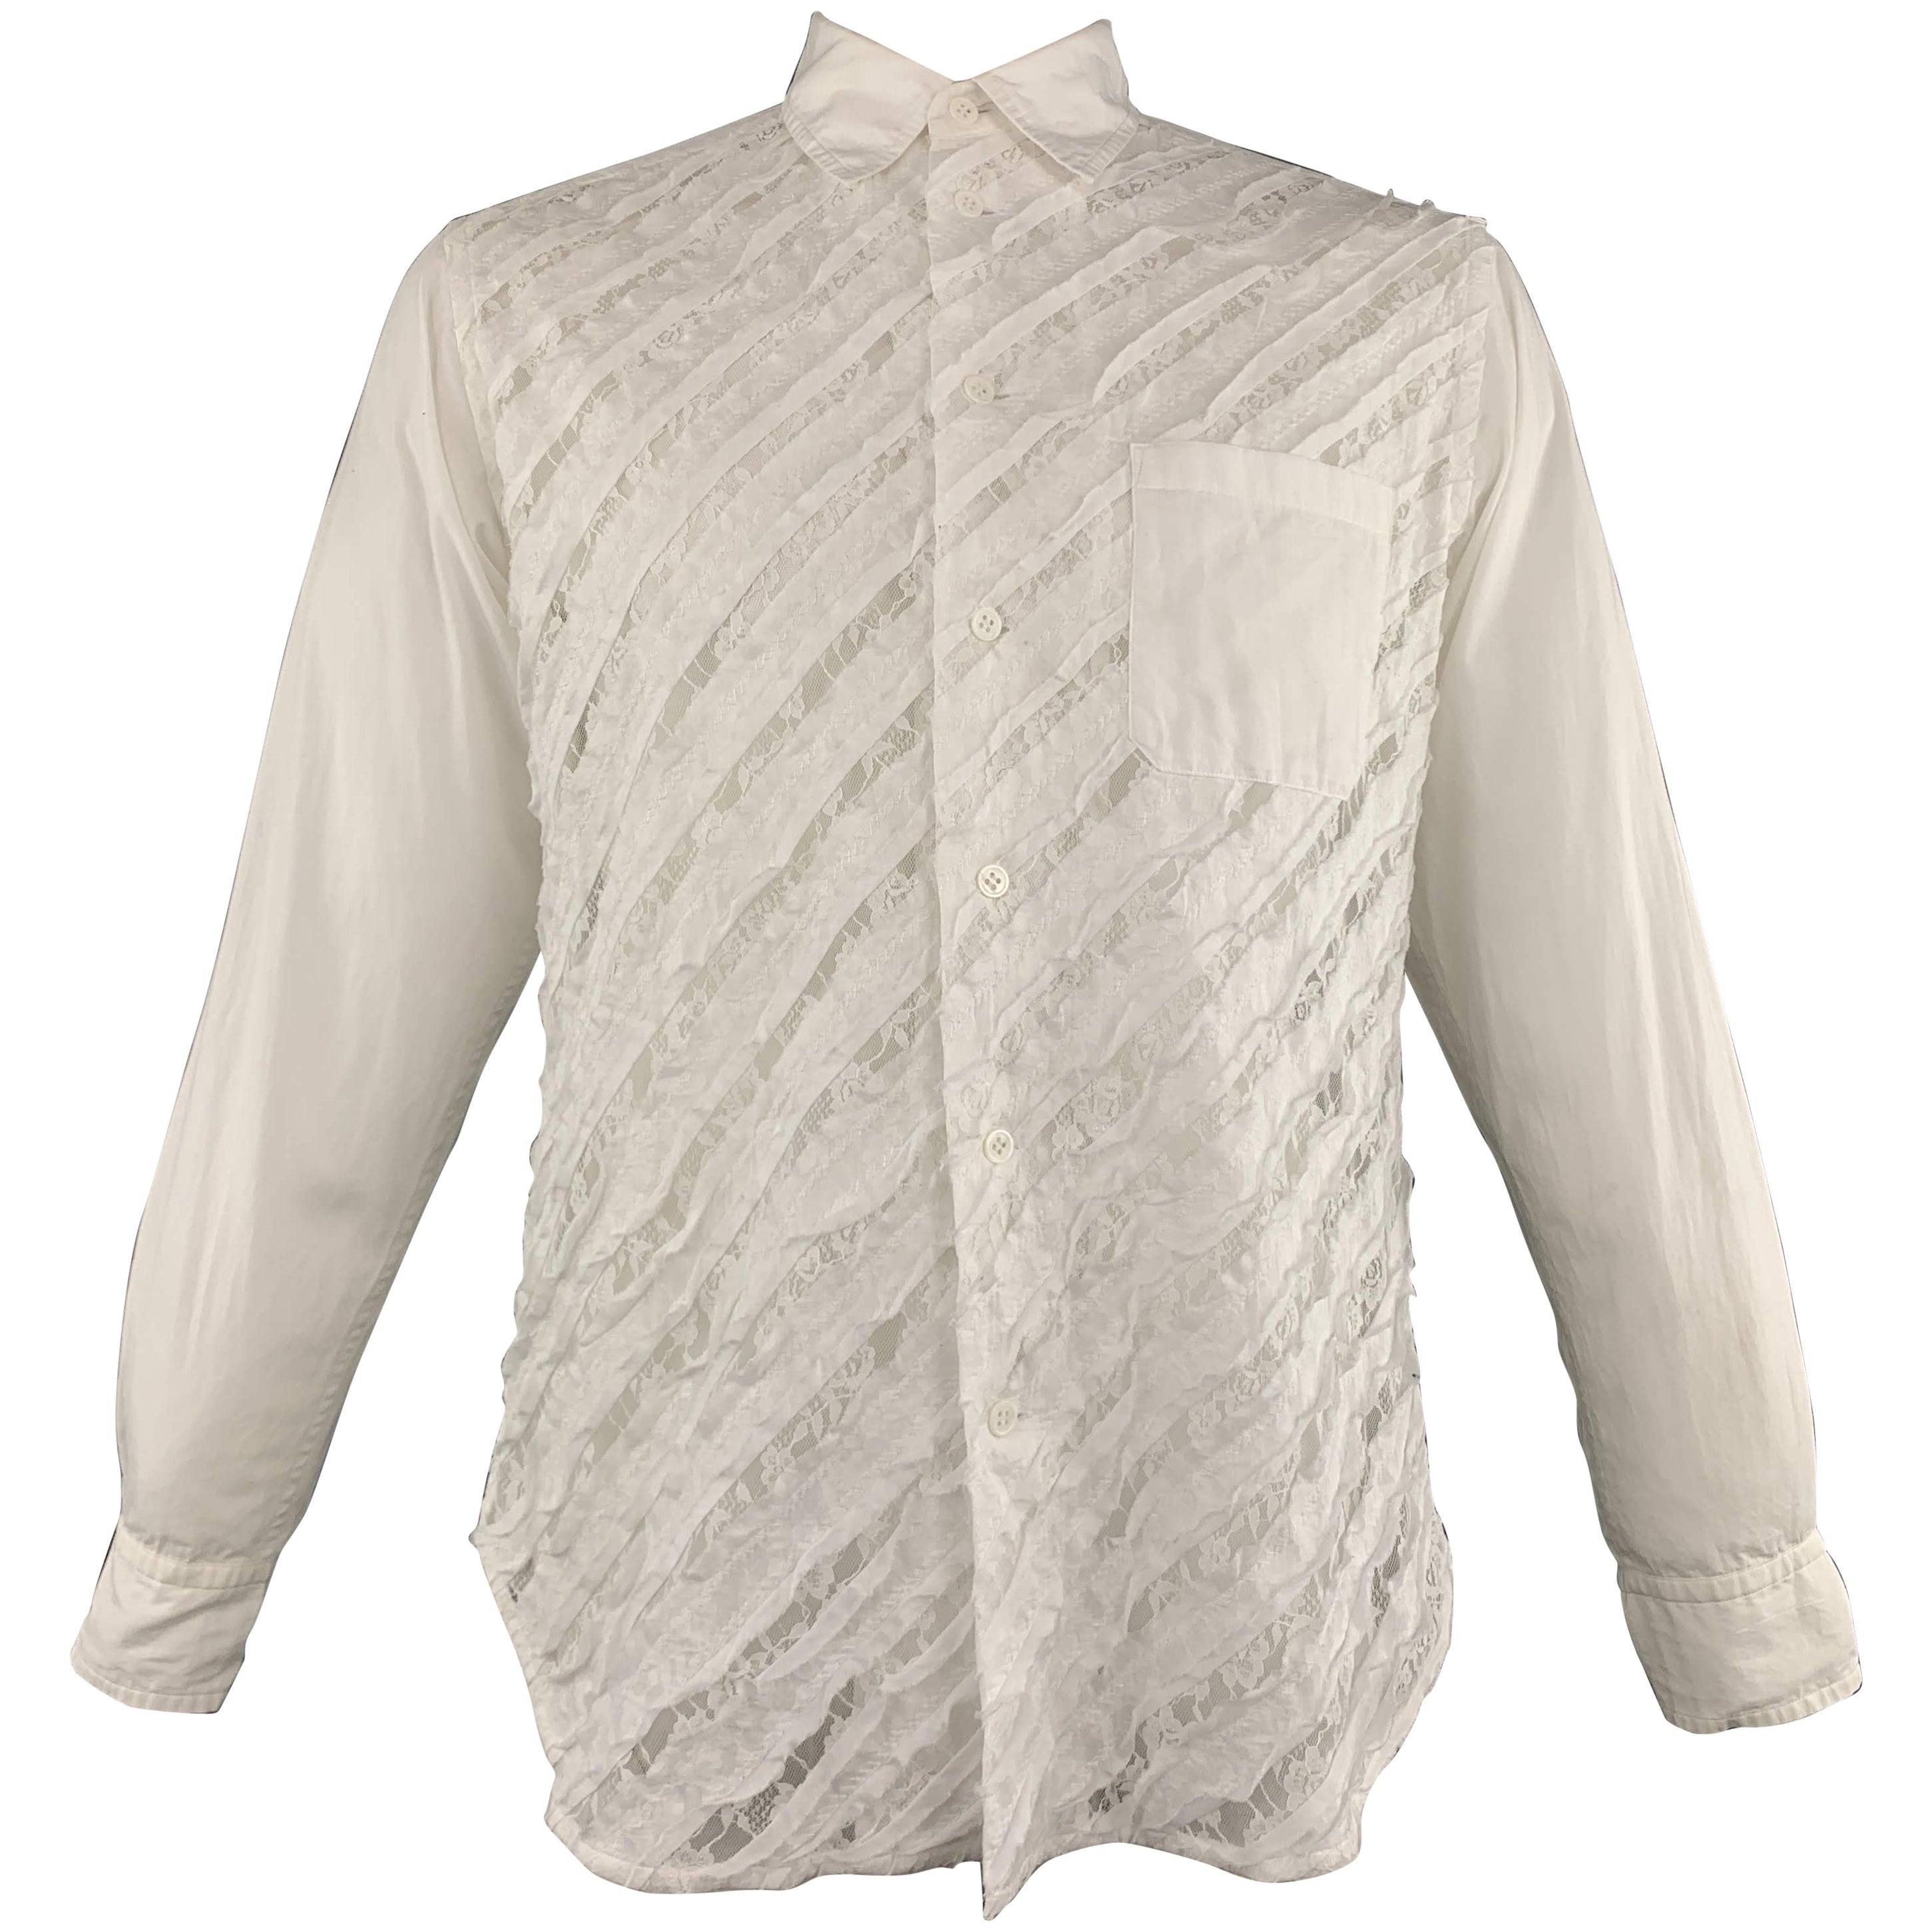 fdf5cd36c YOHJI YAMAMOTO Size M White Mixed Fabrics Cotton Button Up Long Sleeve Shirt  at 1stdibs